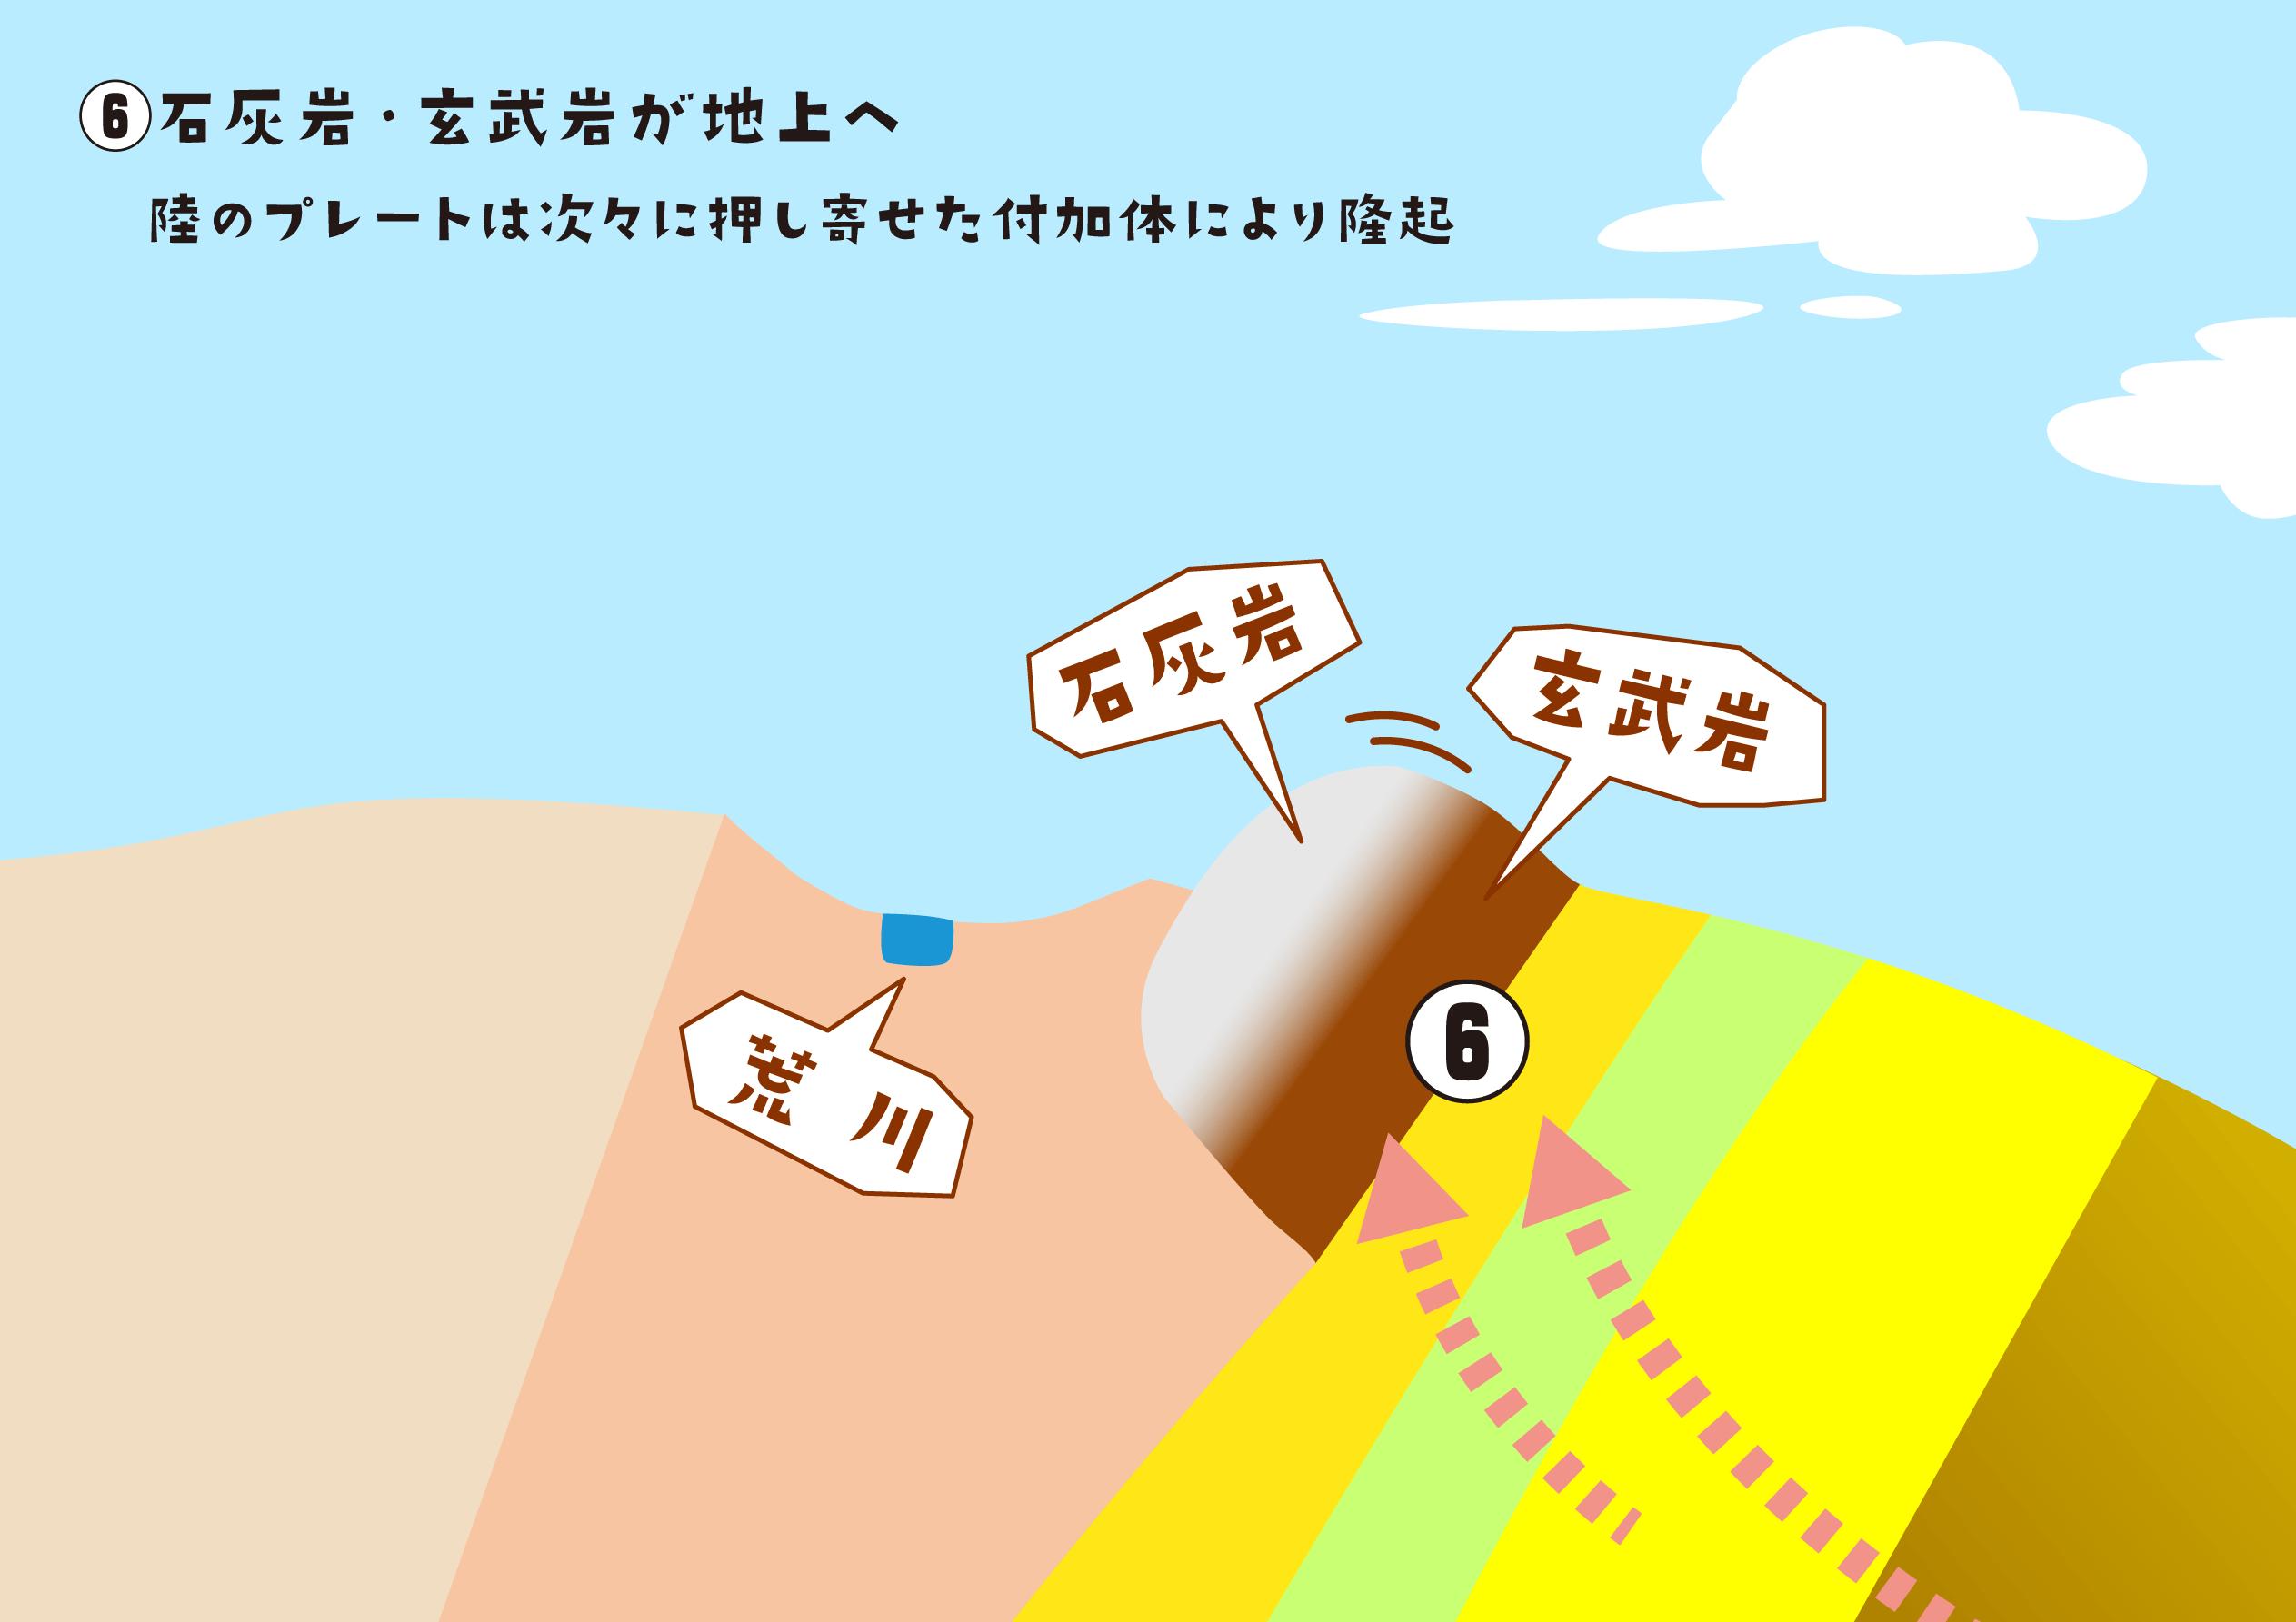 へん に 乏しい 貝 貝武(貝へんに武)と一文字で書く漢字「賦」の読み方、使い方、意味等を解説!